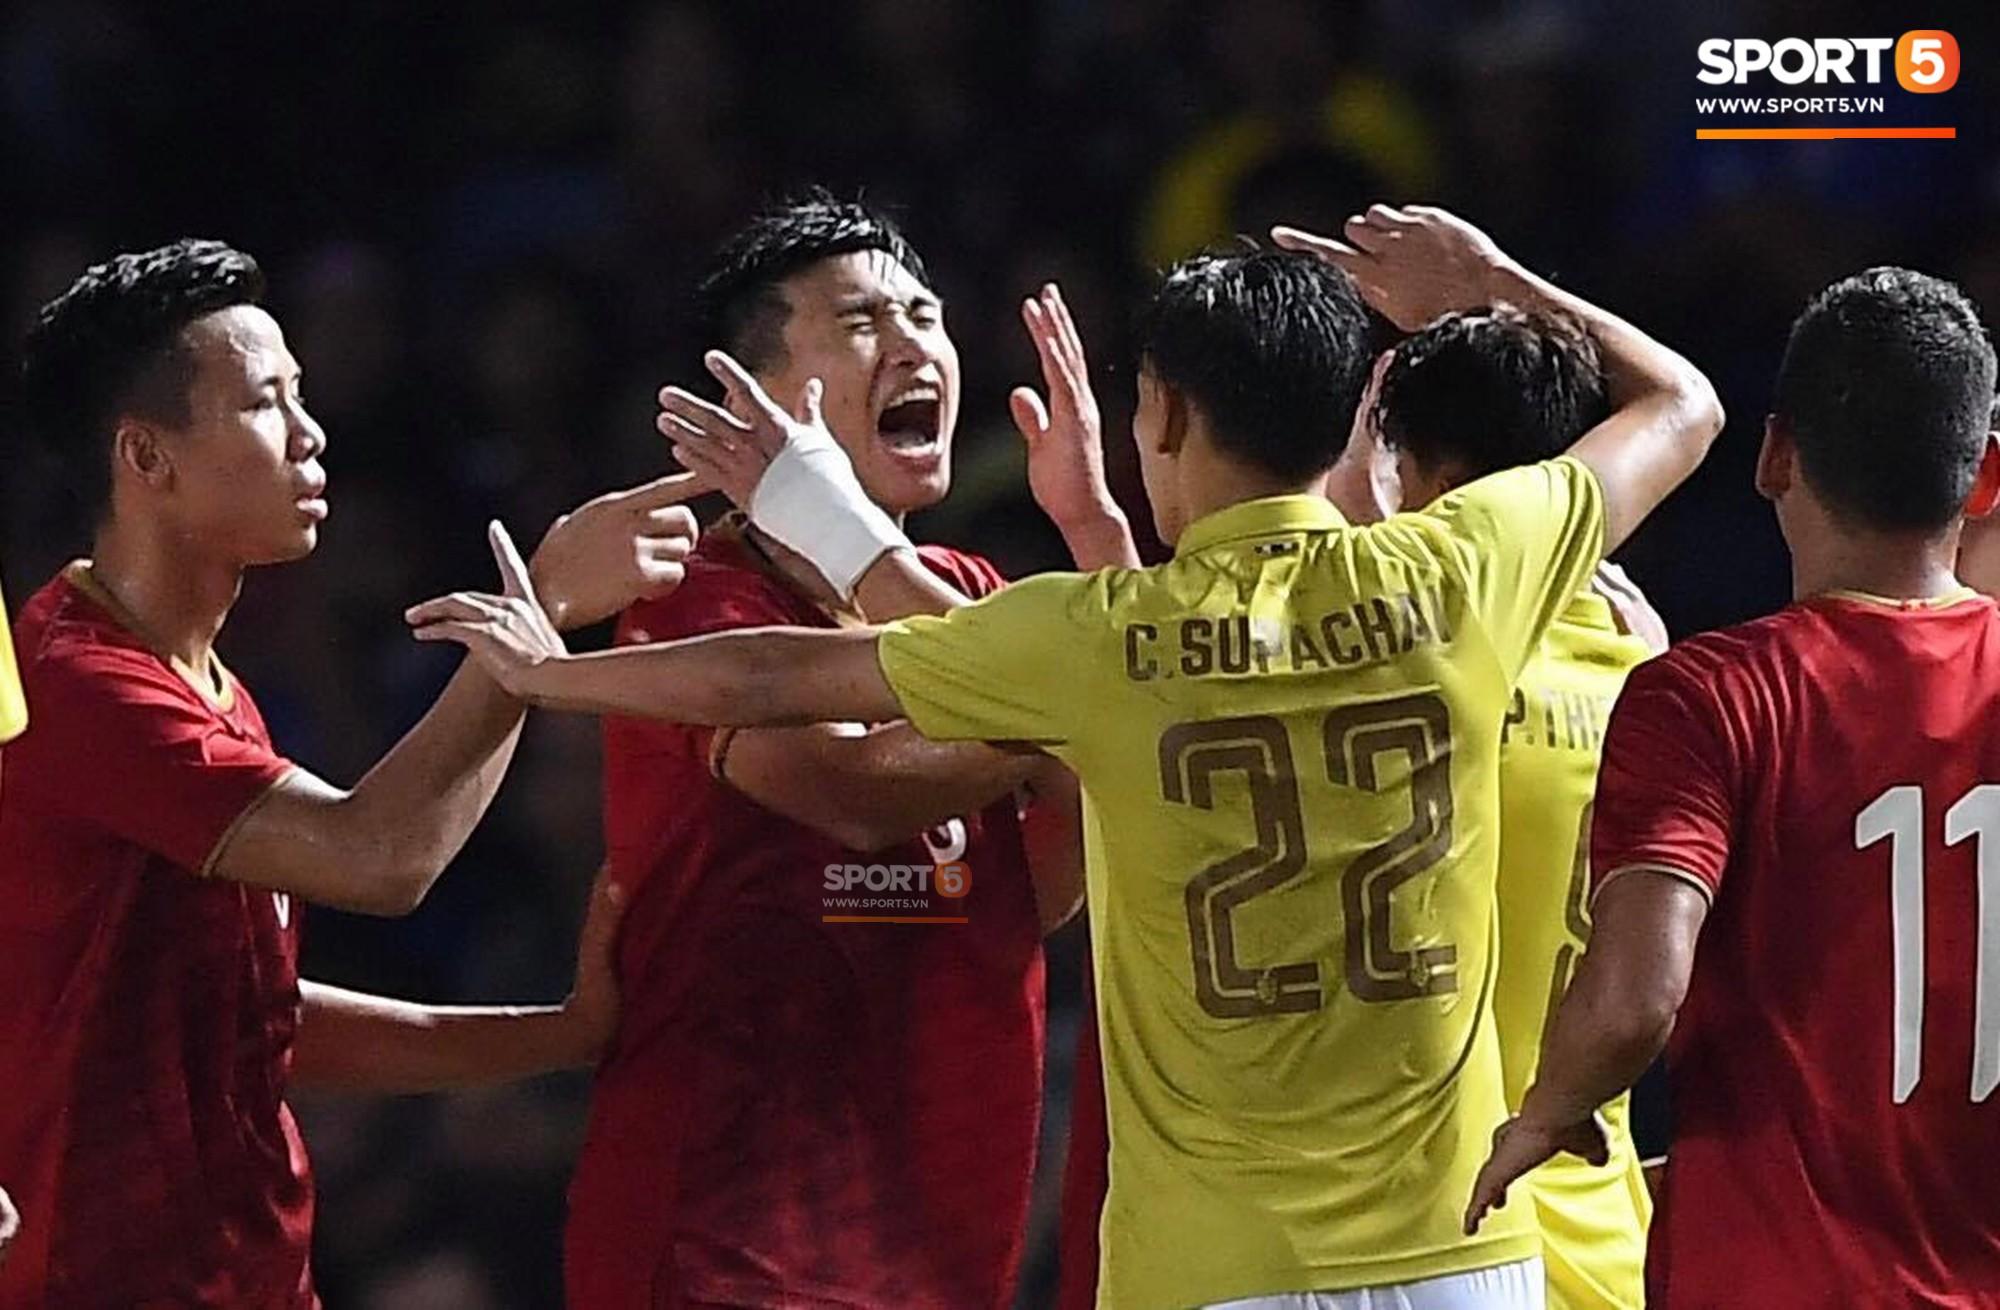 HLV Park Hang-seo lao vào sân phản ứng khi Văn Hậu bị đối phương tát vào mặt-2